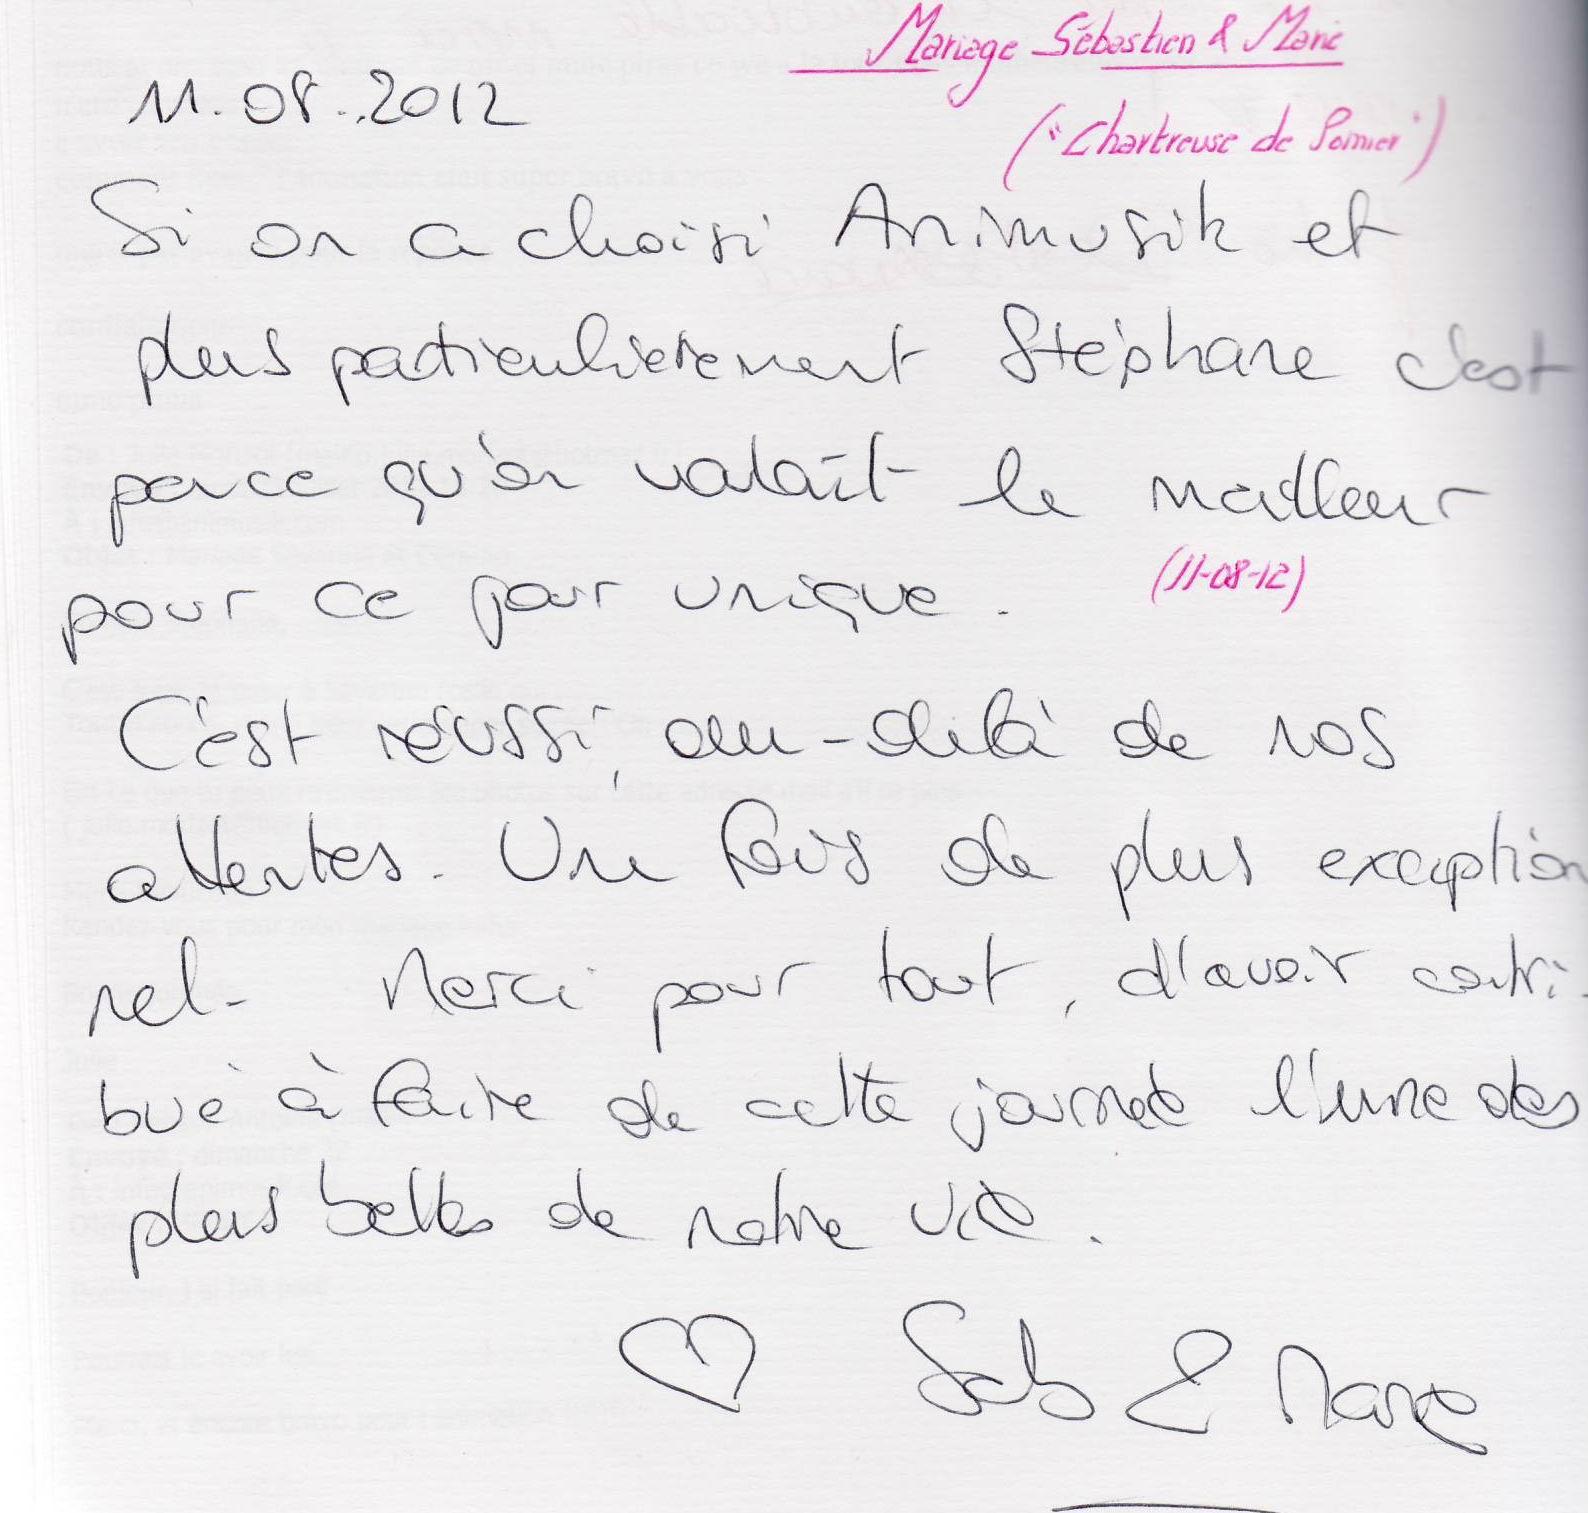 Mariage PAPADOPOULOS Sabastien & Marie (Chartreuse de Pomier) (11-08-2012)